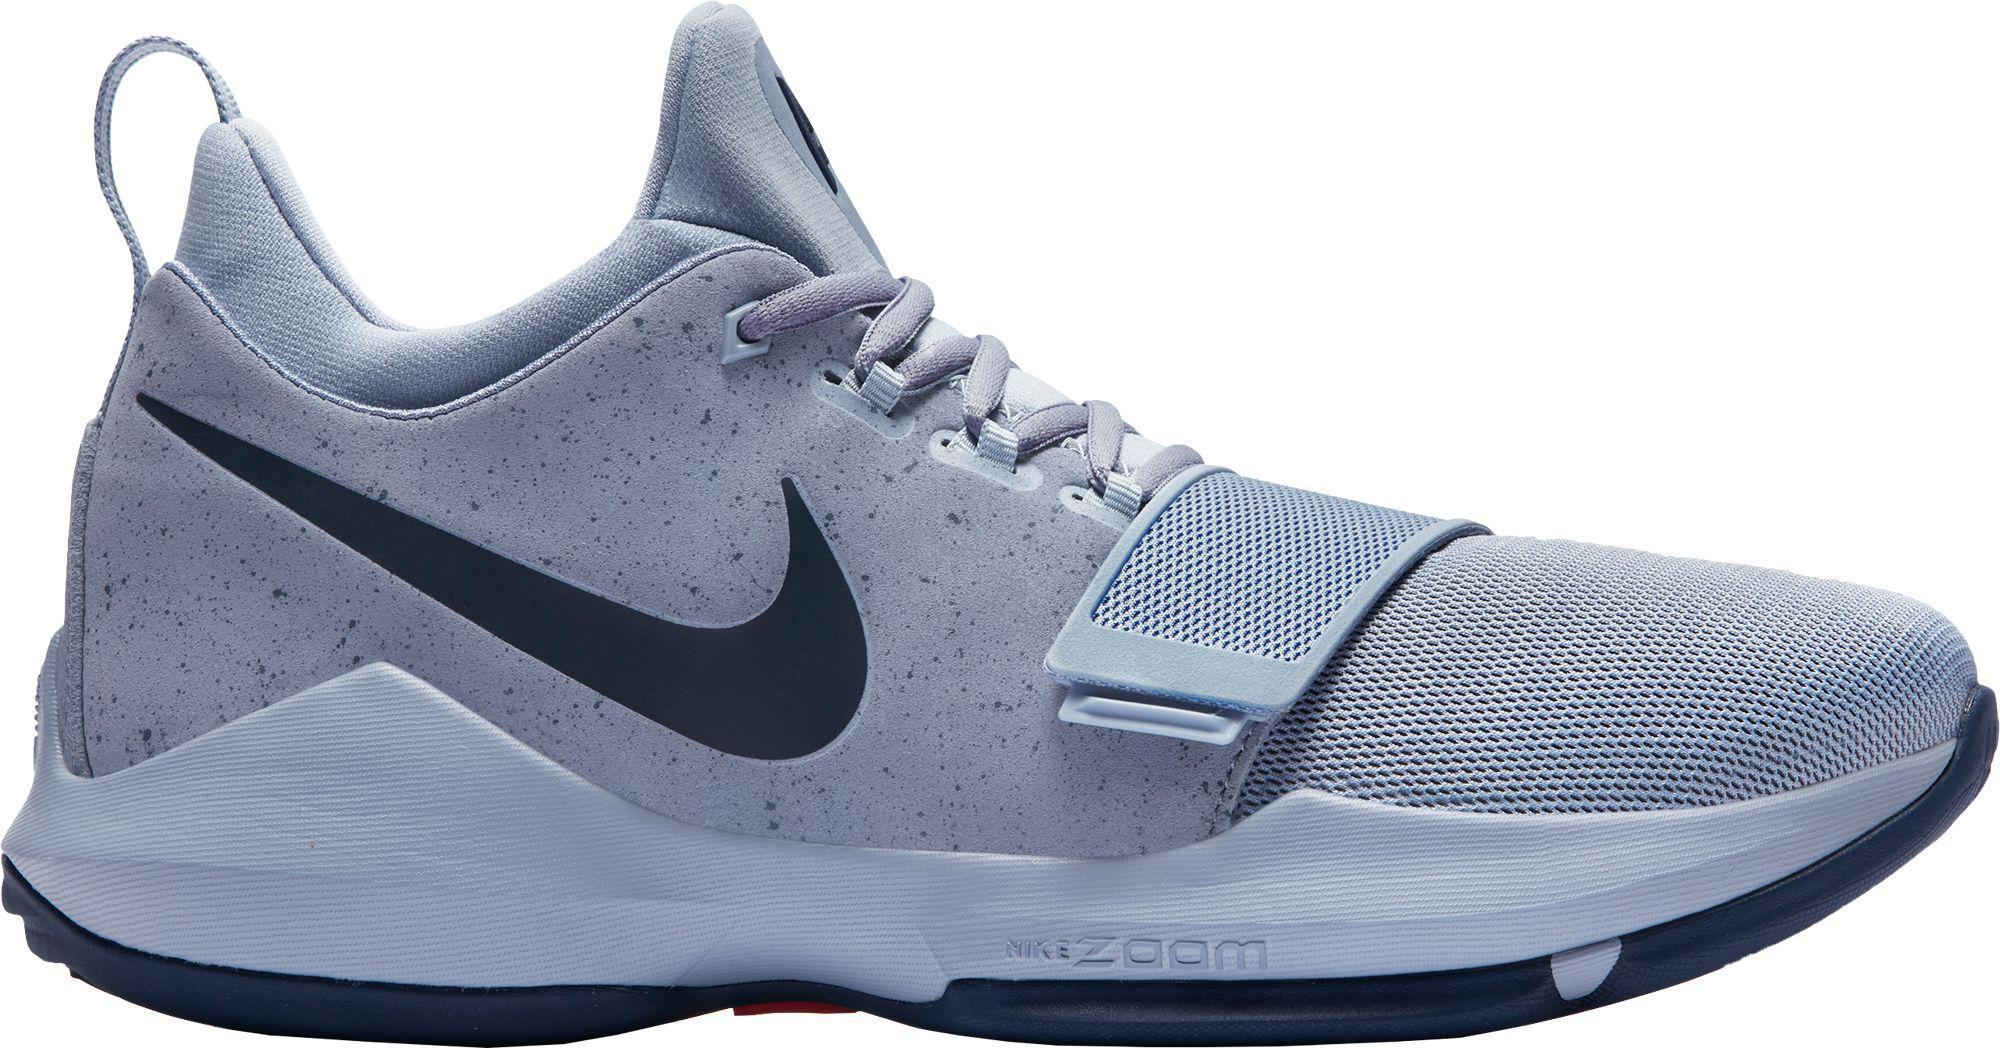 lyst nike pg 1 scarpe da basket in blu per gli uomini.